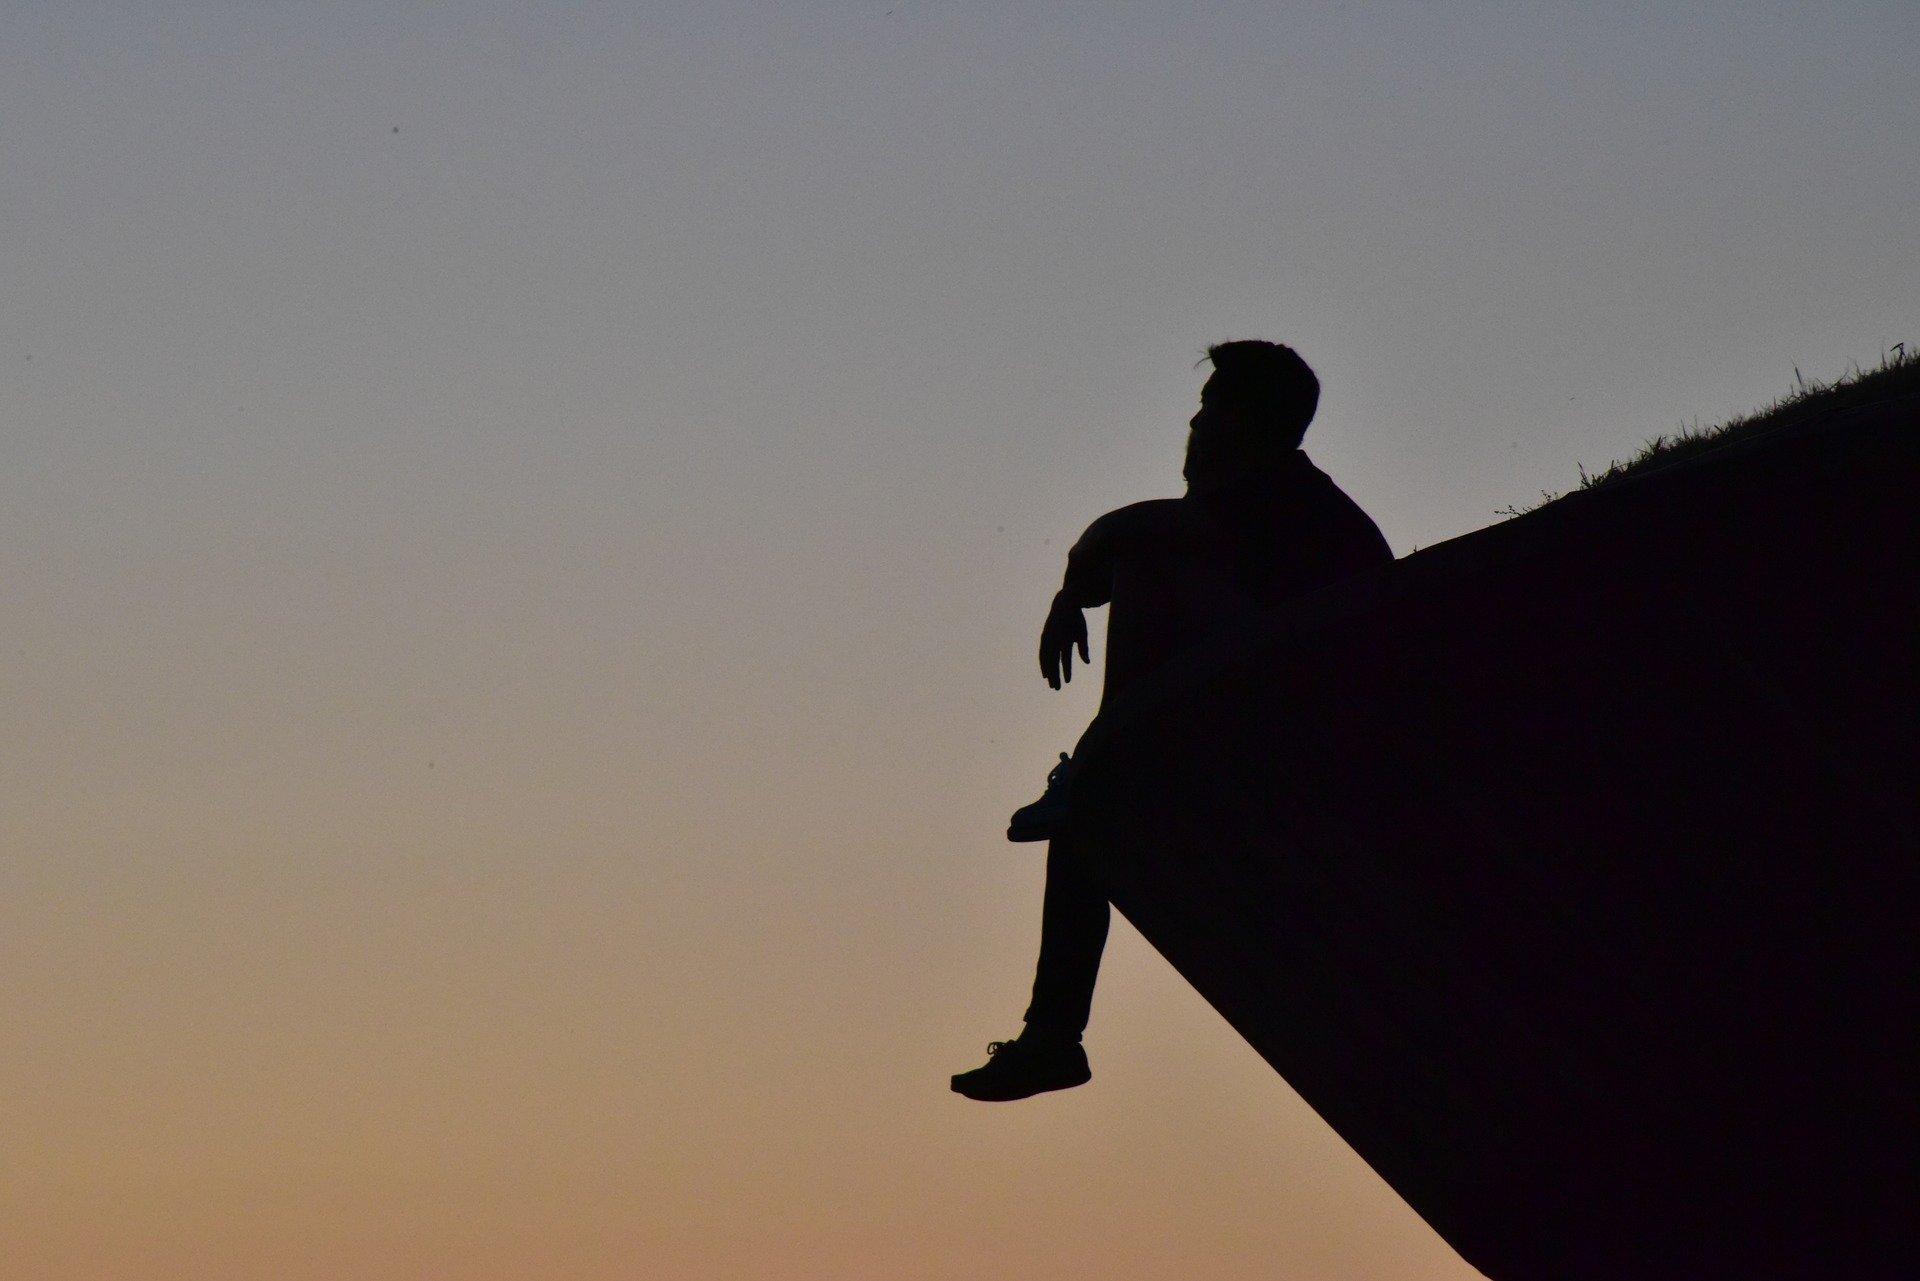 Thinking Man Image